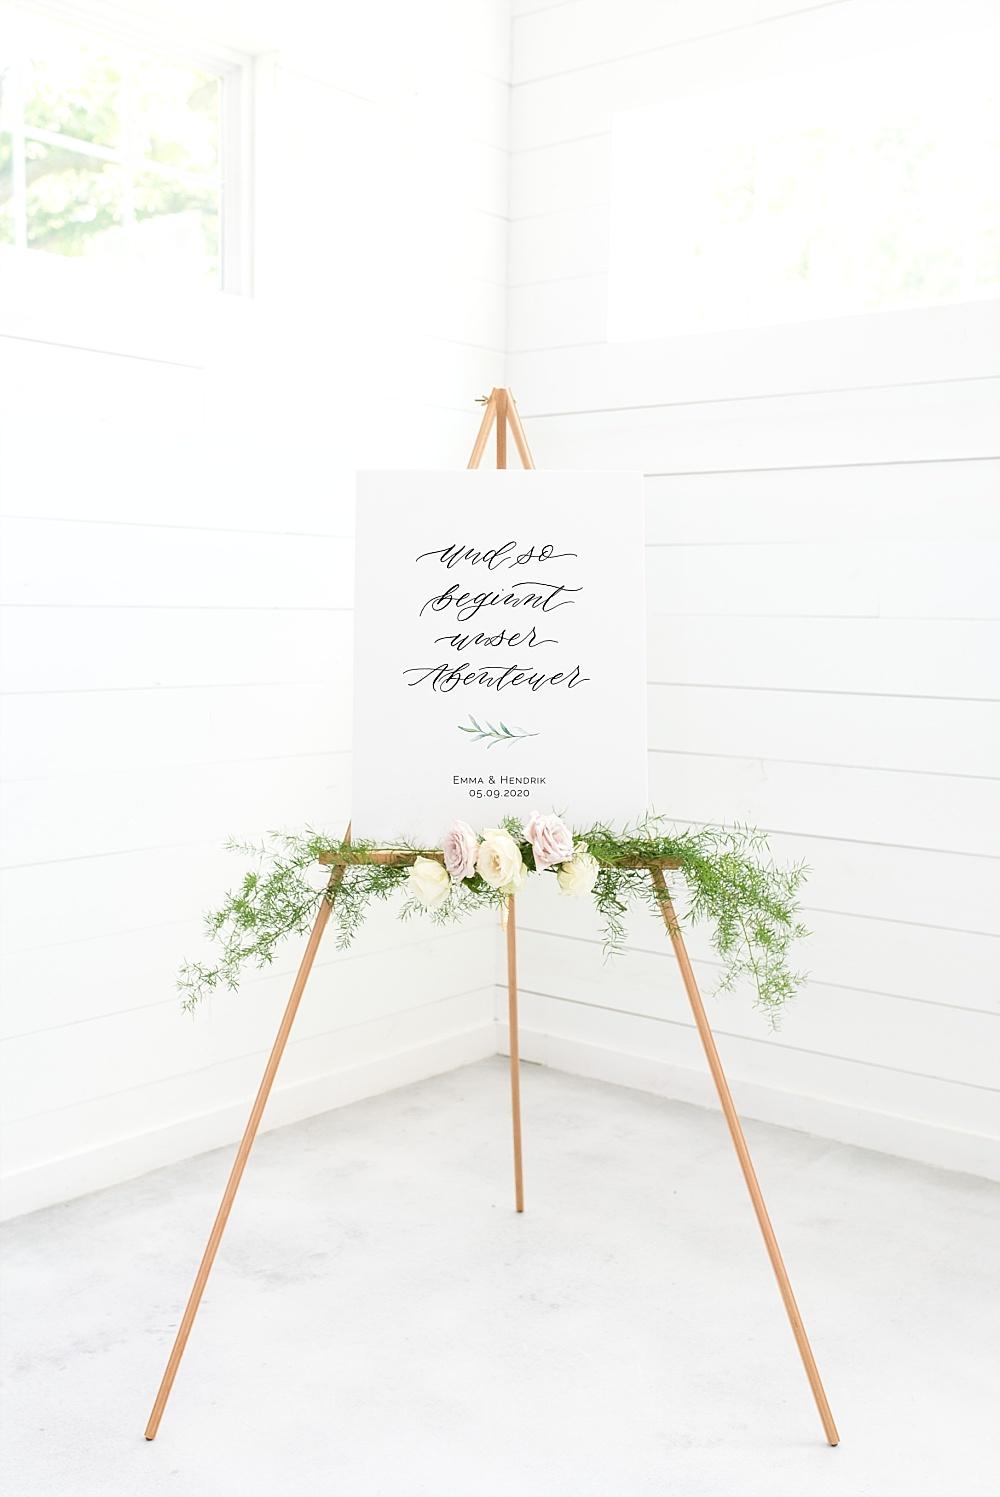 Hochzeitsgeschenk Poster, Hochzeitsgeschenk personalisiert, Hochzeitsposter